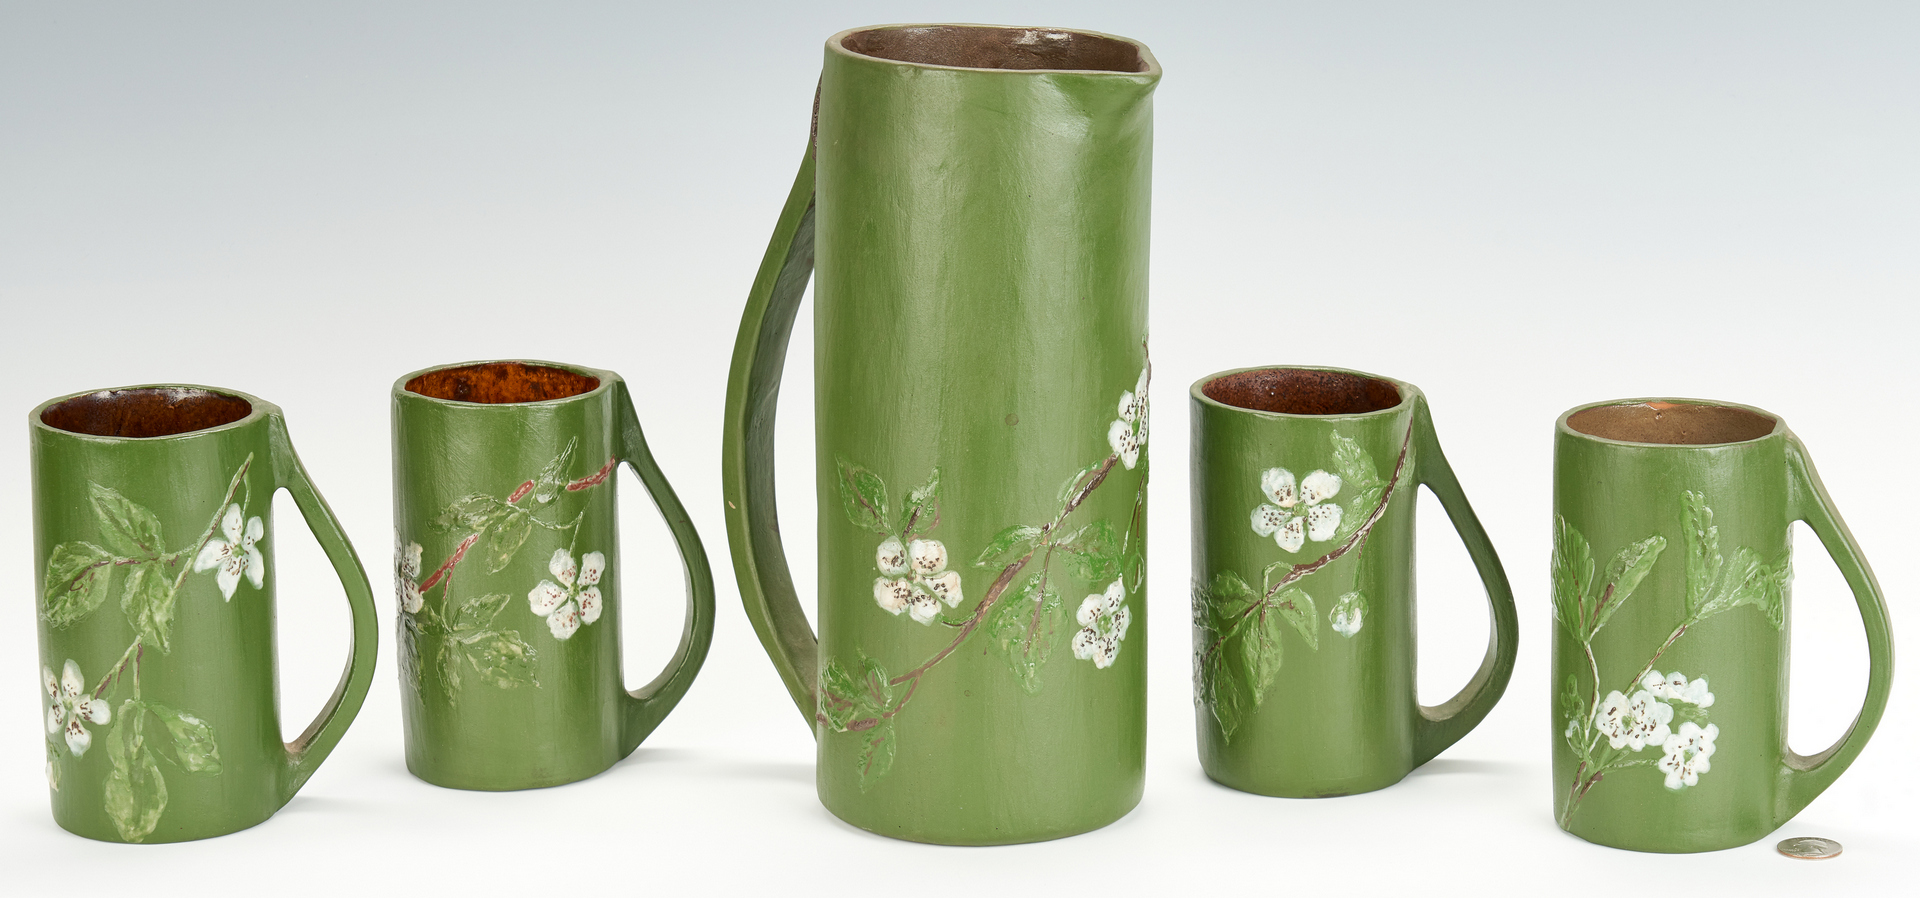 Lot 504: Nonconnah Mugs and Tankard, 5 items